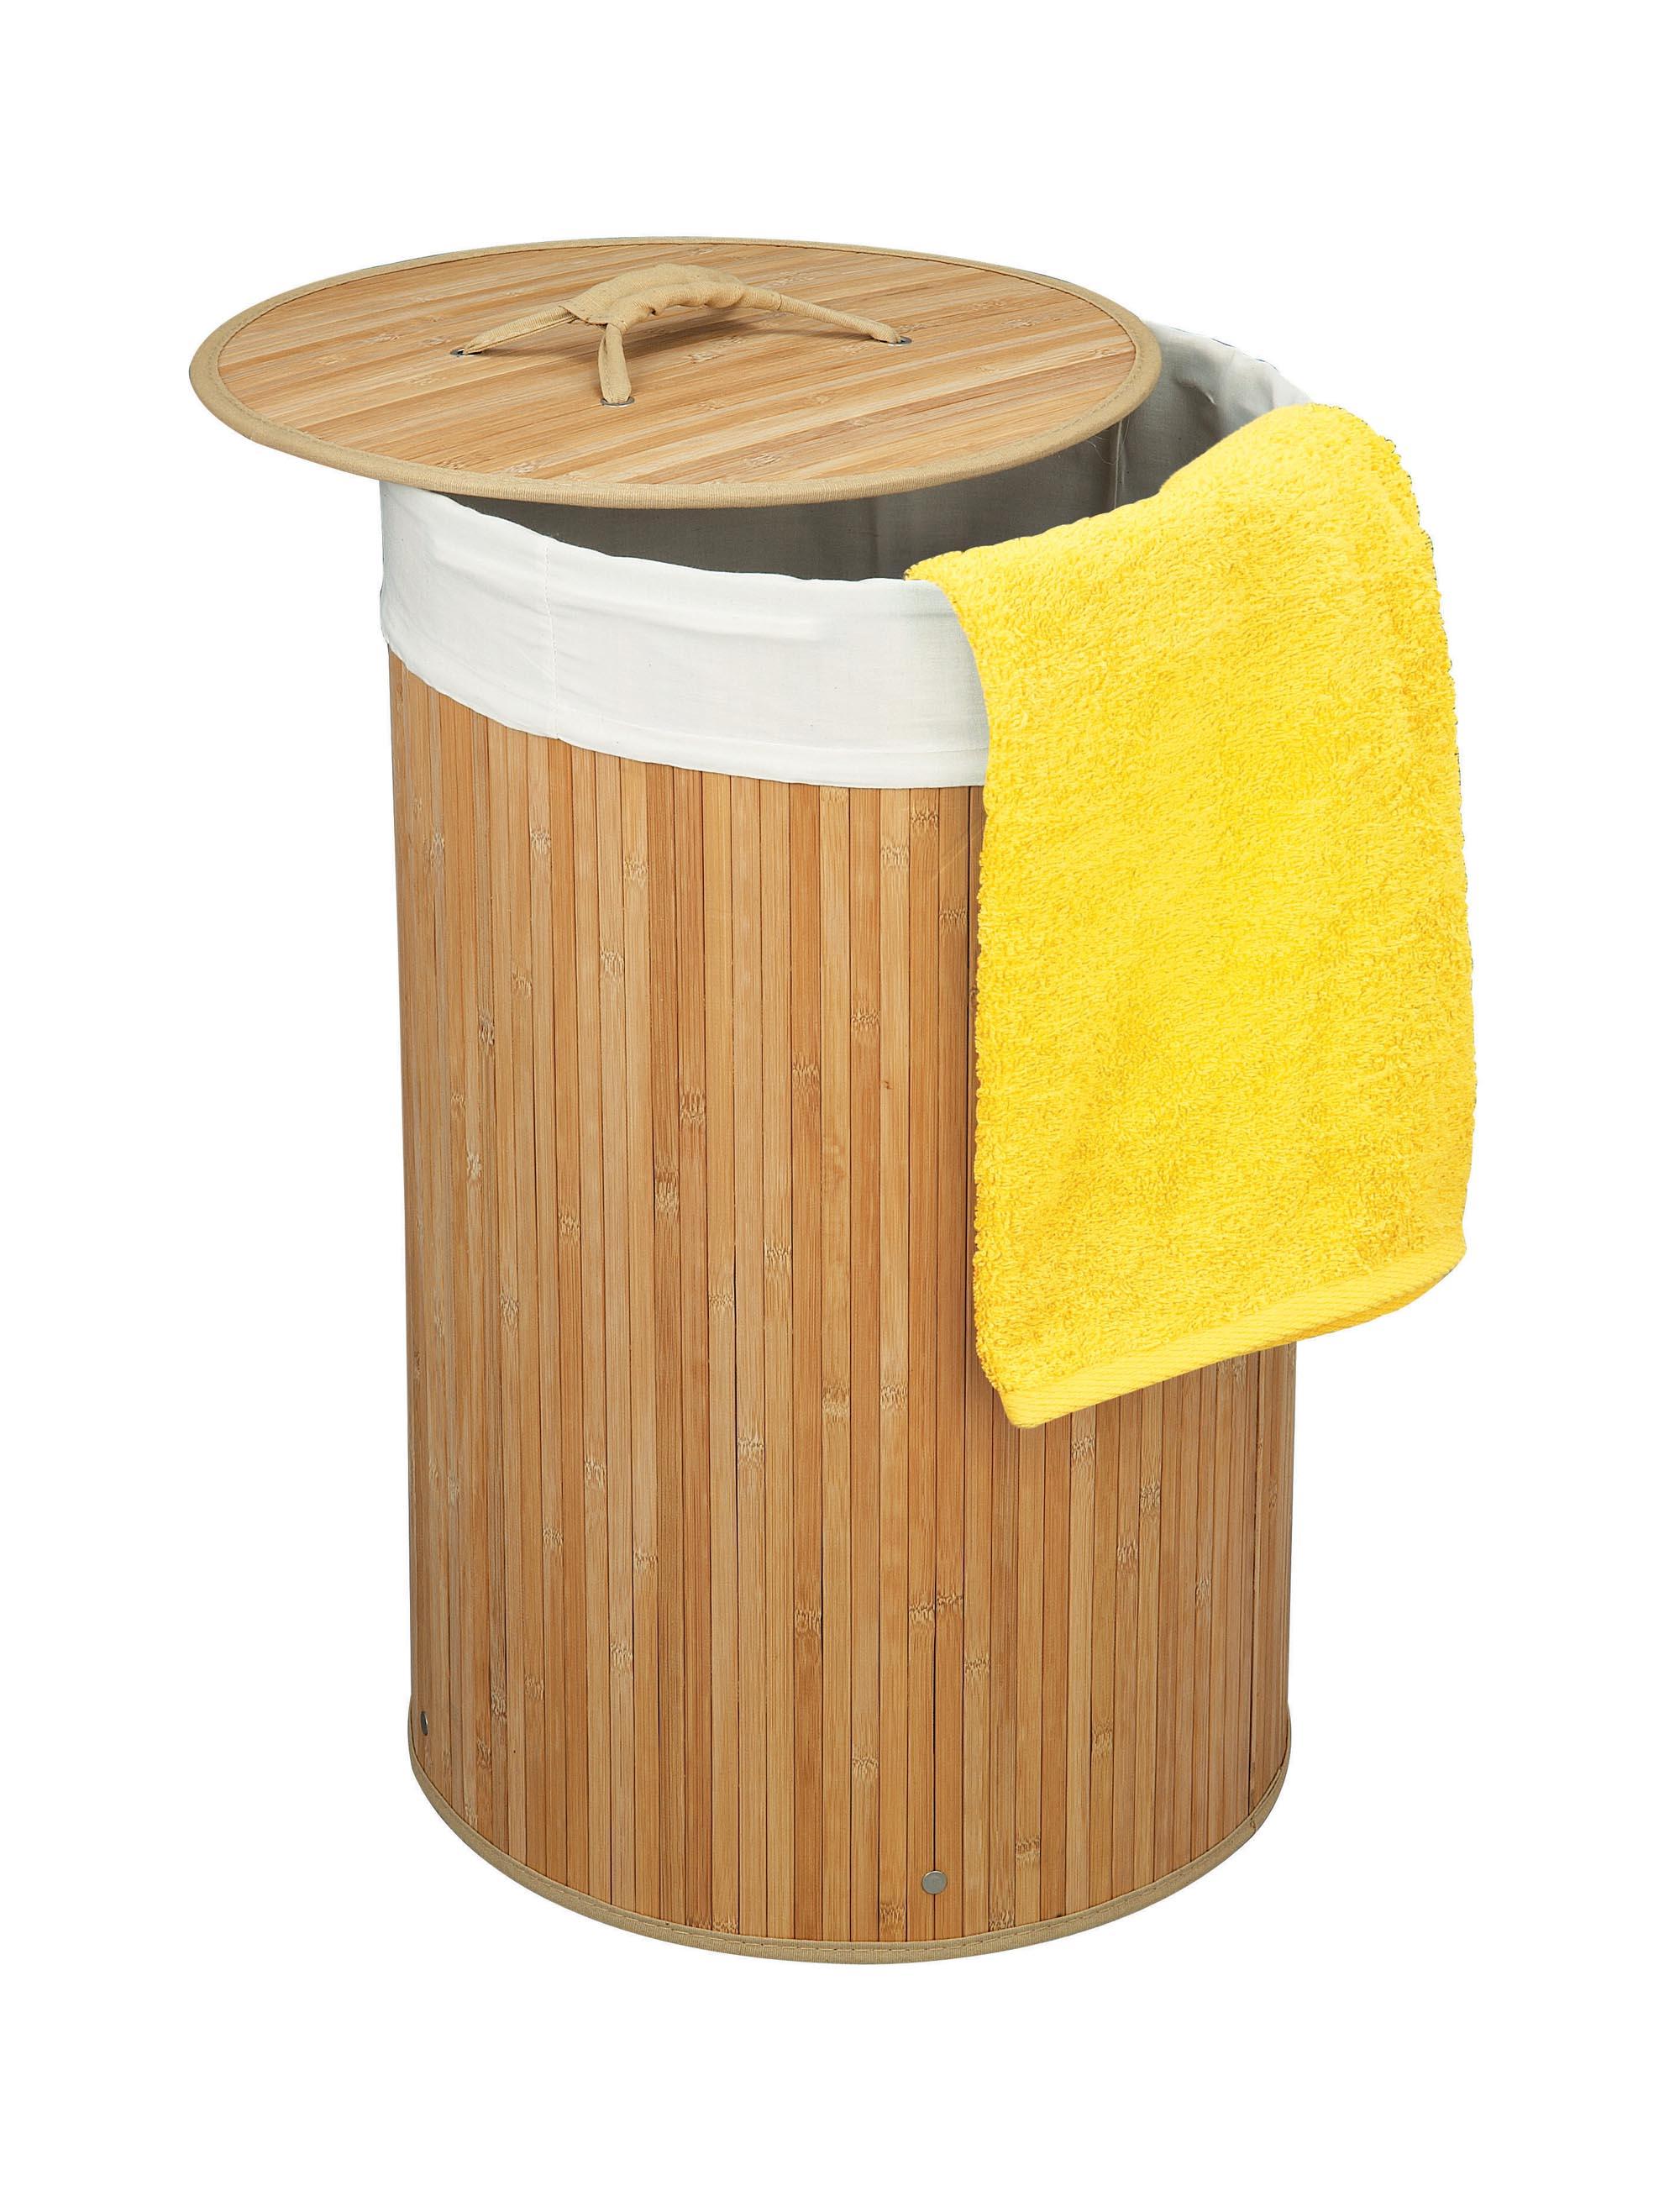 runder bambus w schekorb w schebox faltbar mit deckel und textileinsatz ebay. Black Bedroom Furniture Sets. Home Design Ideas